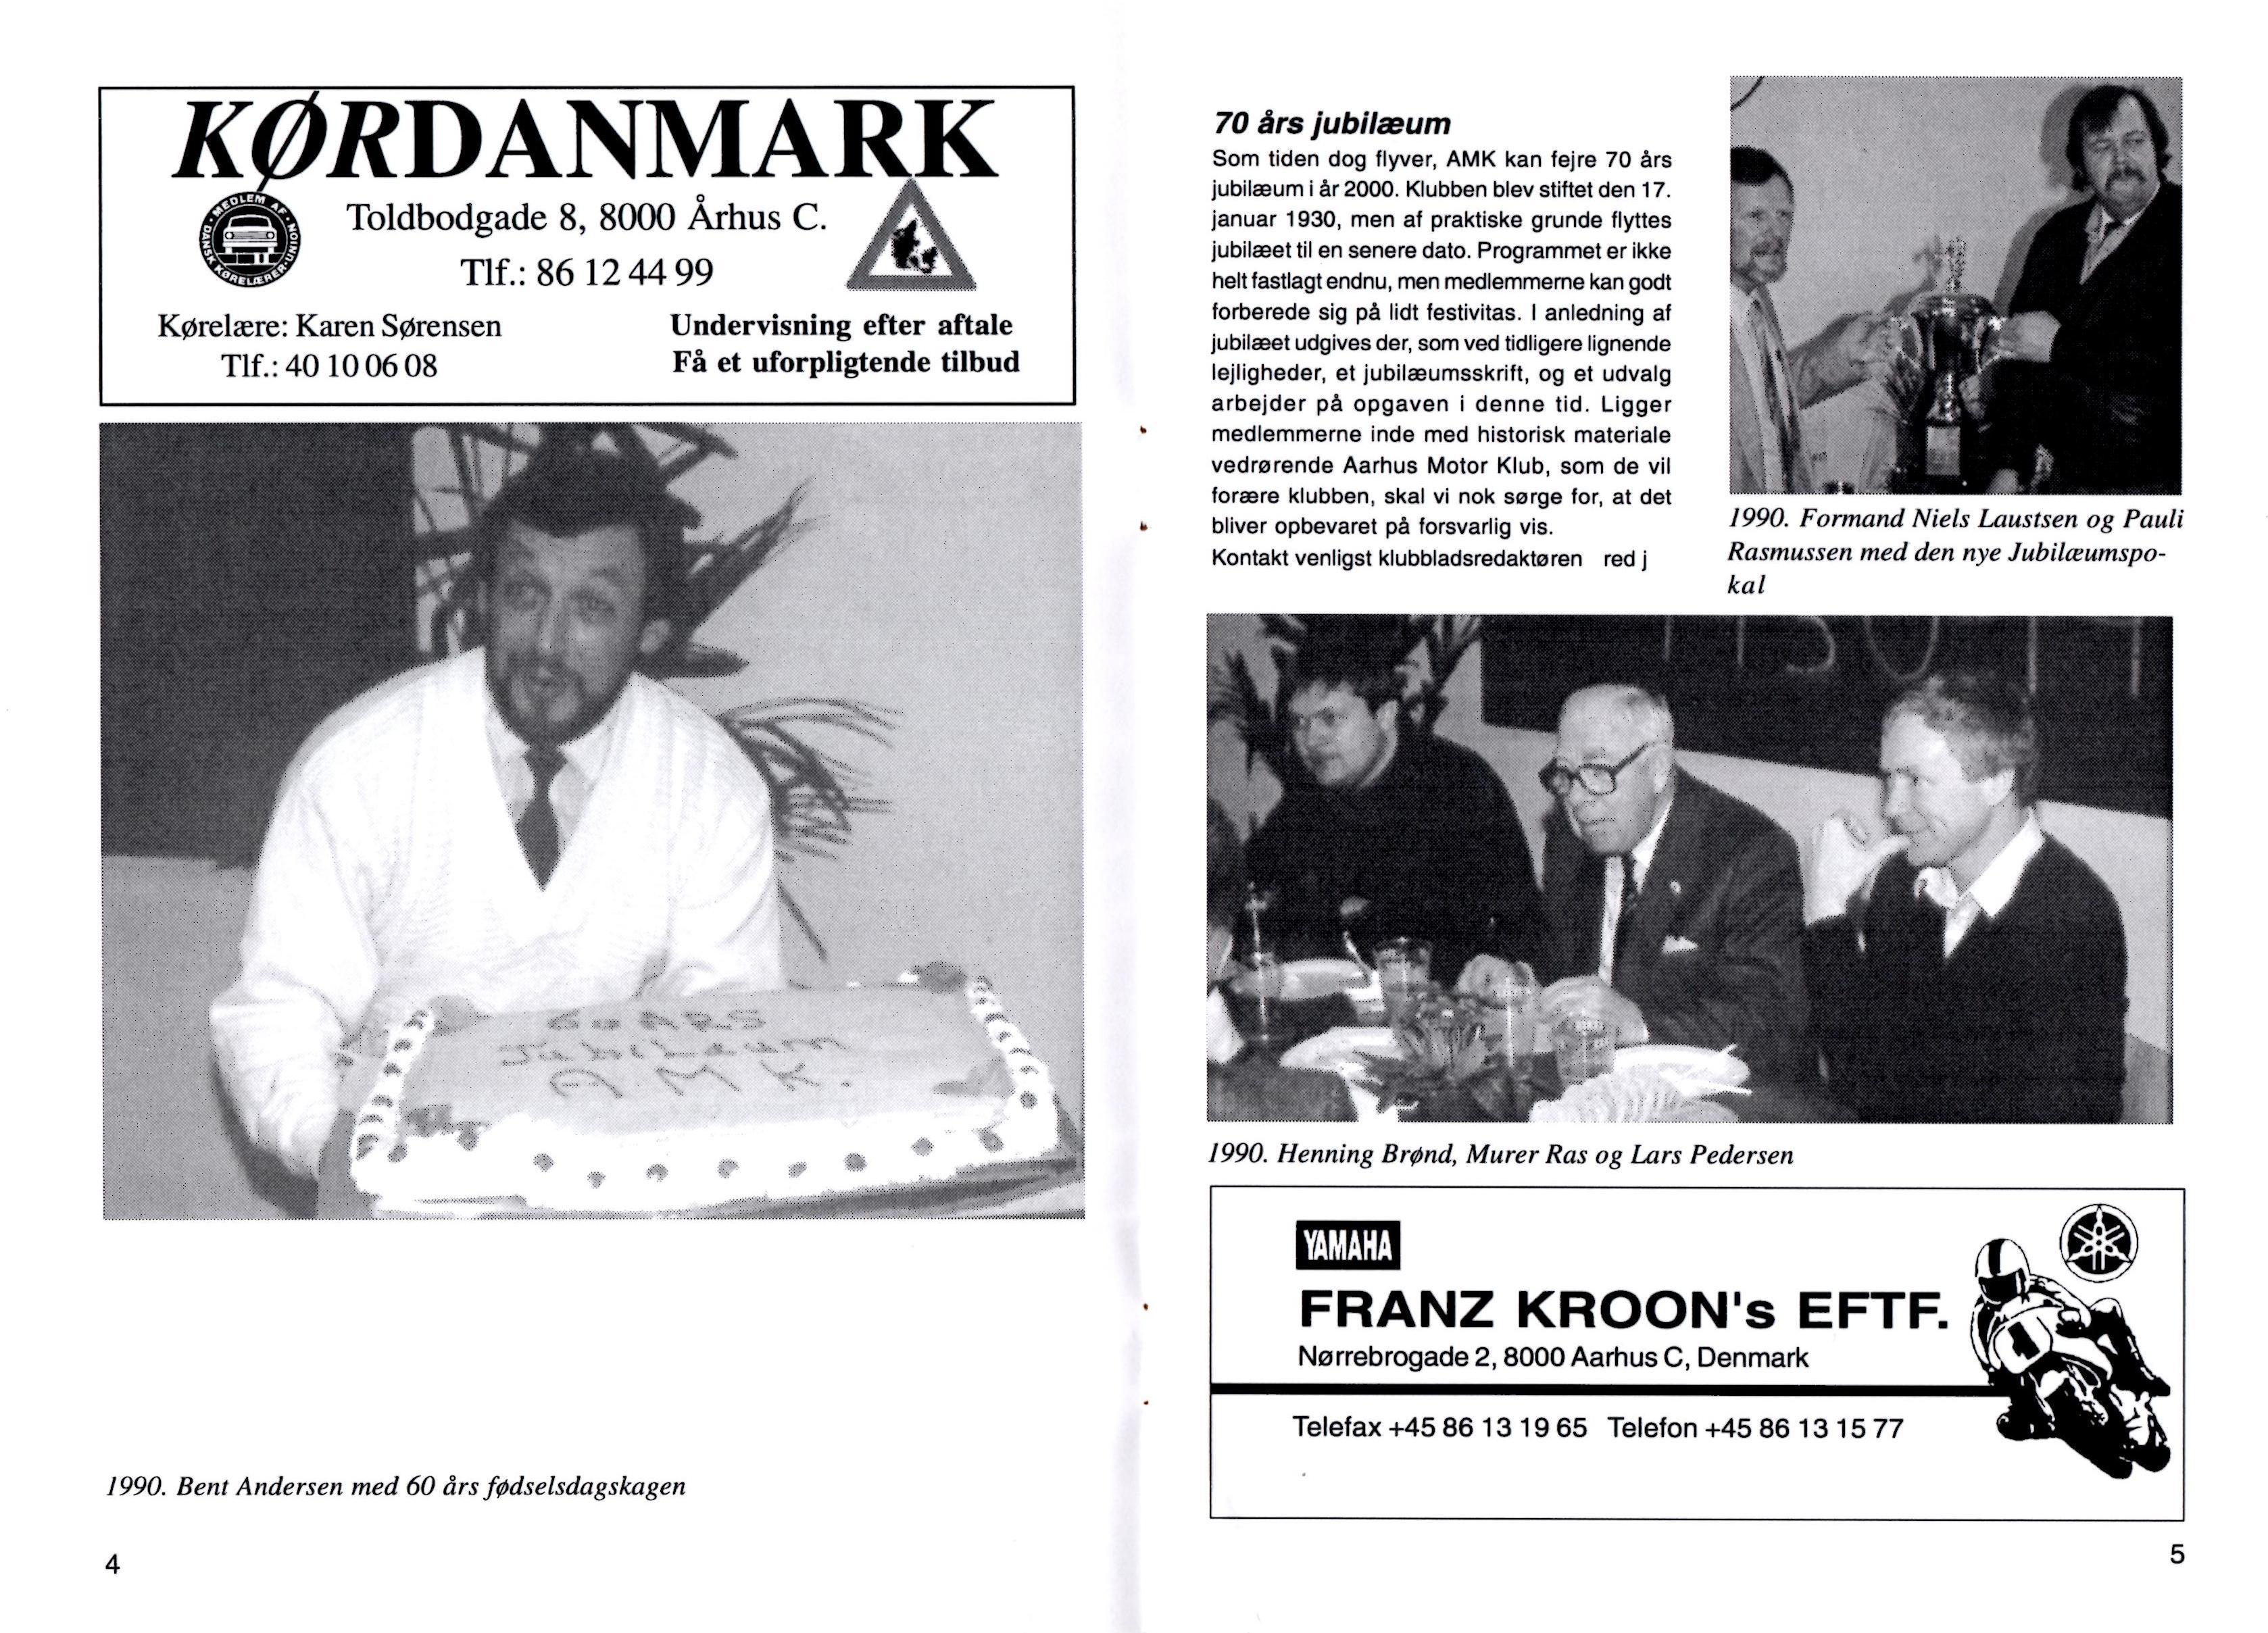 Billeder fra 60 års Jubilæum i dec. klubblad 1999. Bragt i forbindelse med det forestående 70 års Jubilæum.